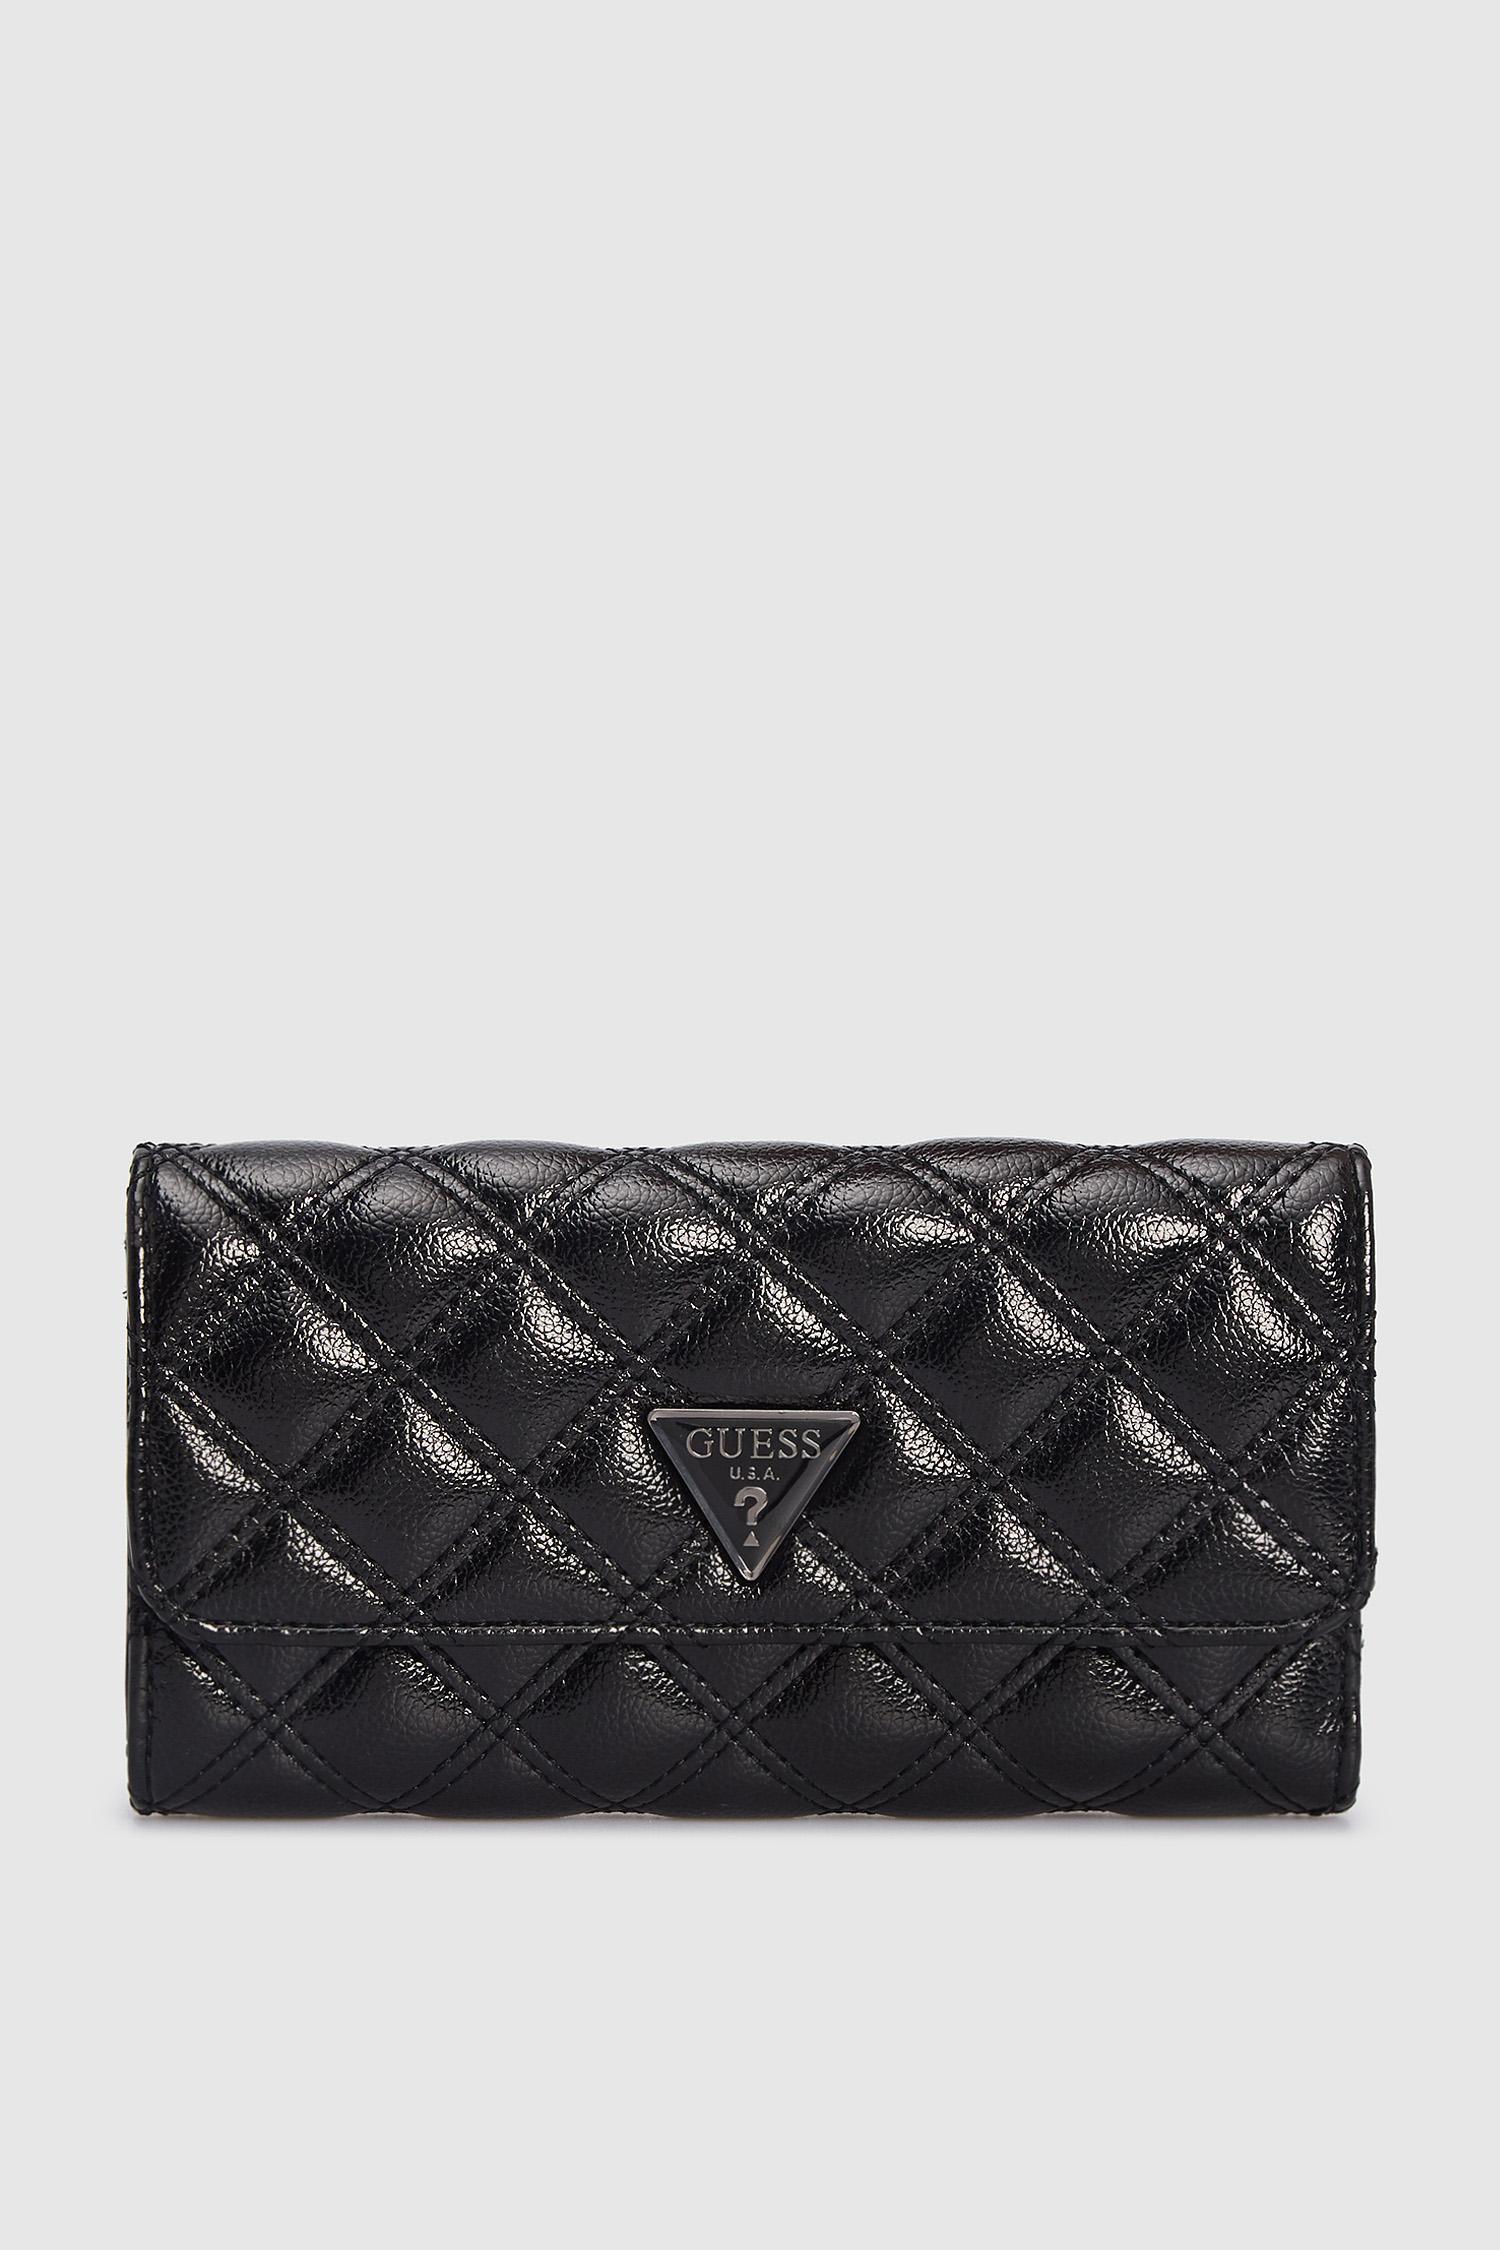 Женский черный кошелек Guess SWCM76.79650;BLA